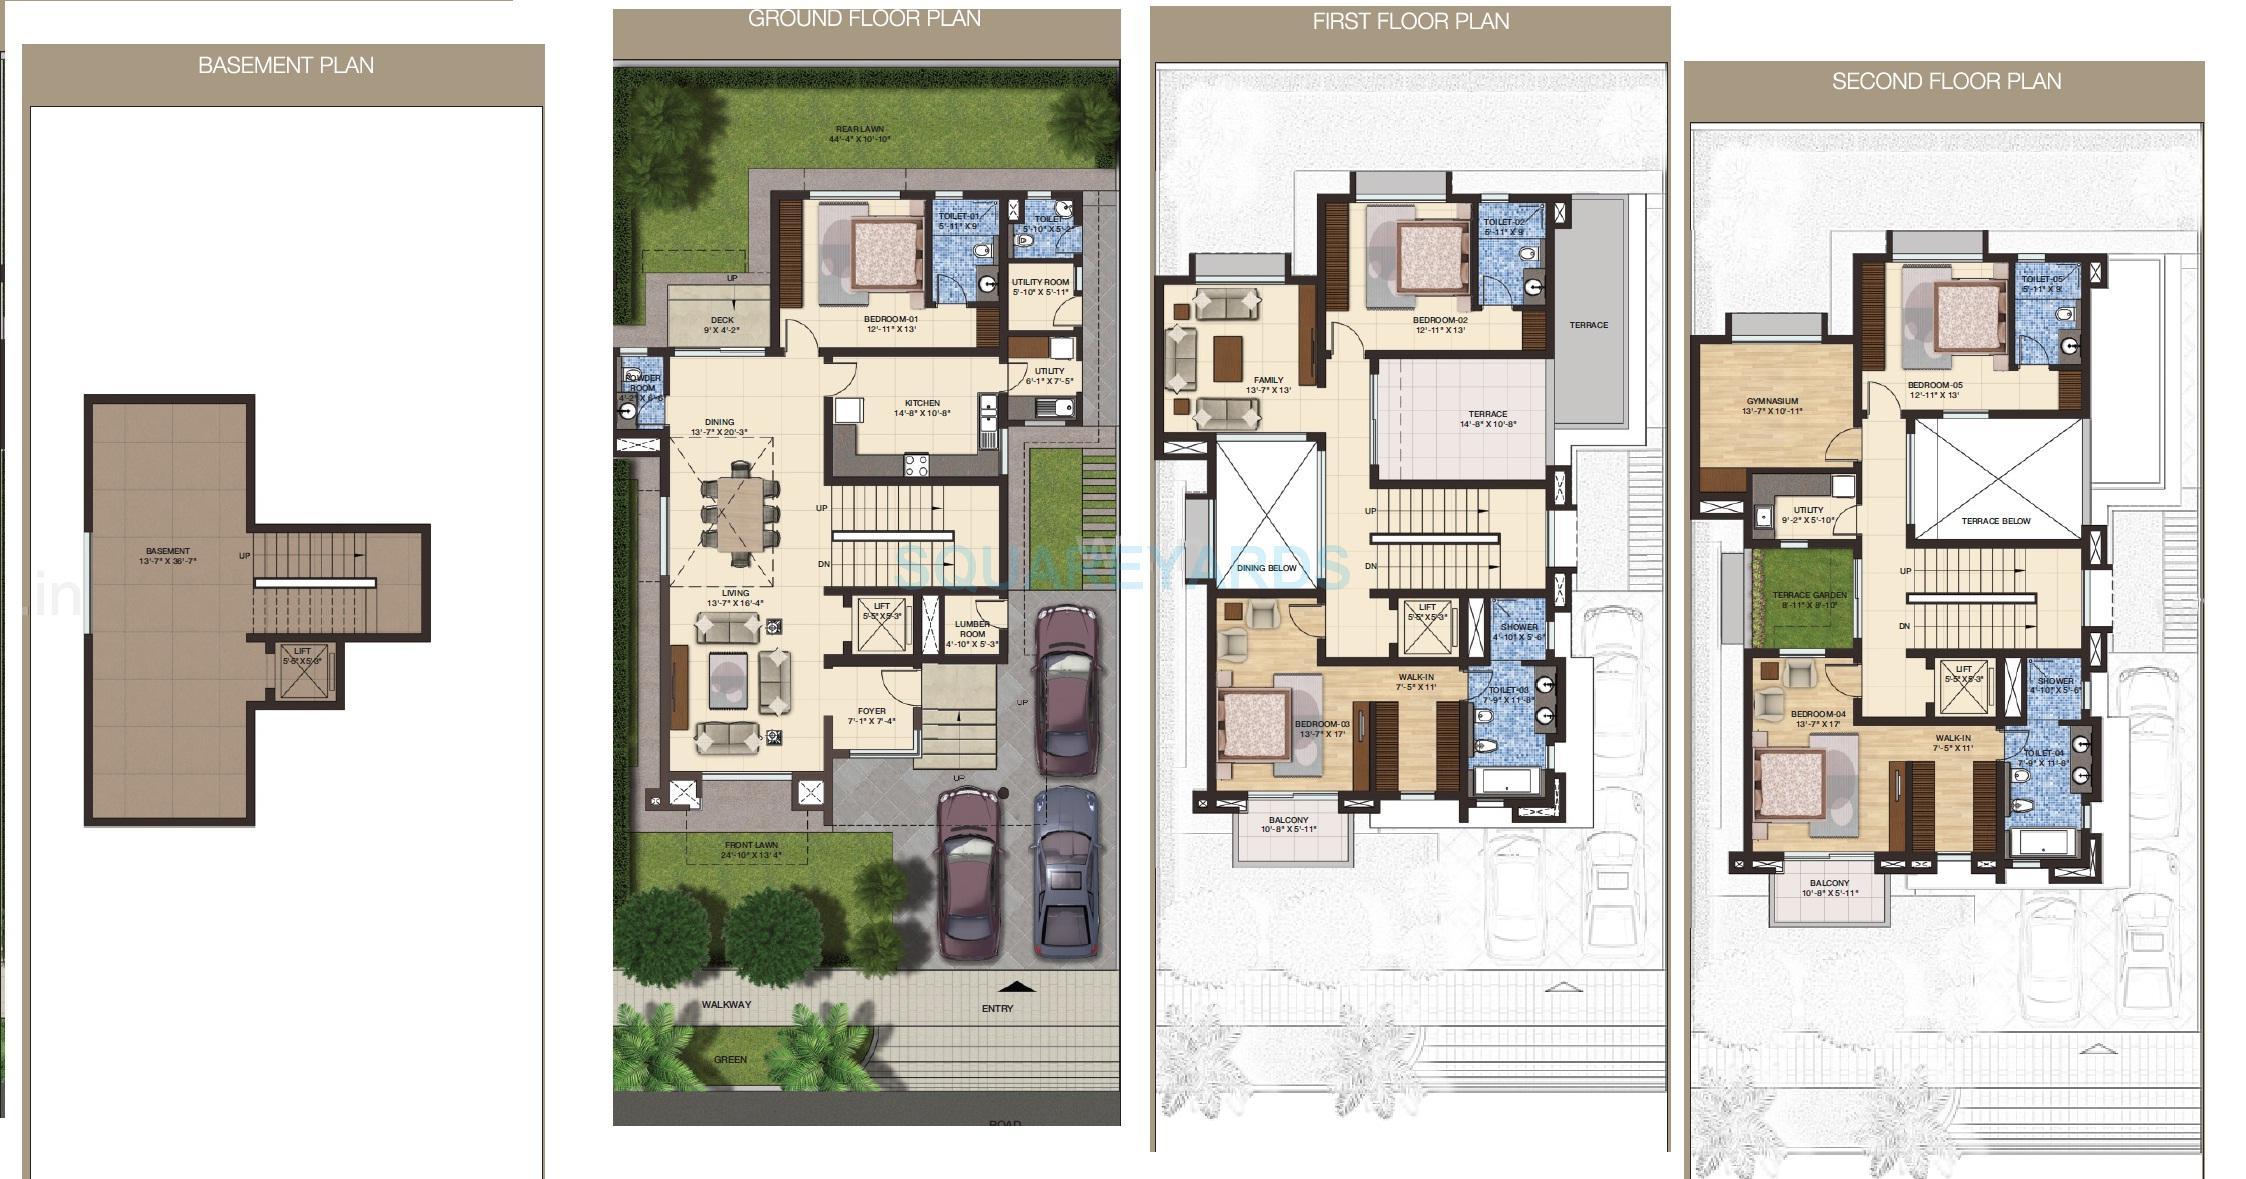 sobha international city phase 1 villa 5bhk 5816sqft 1